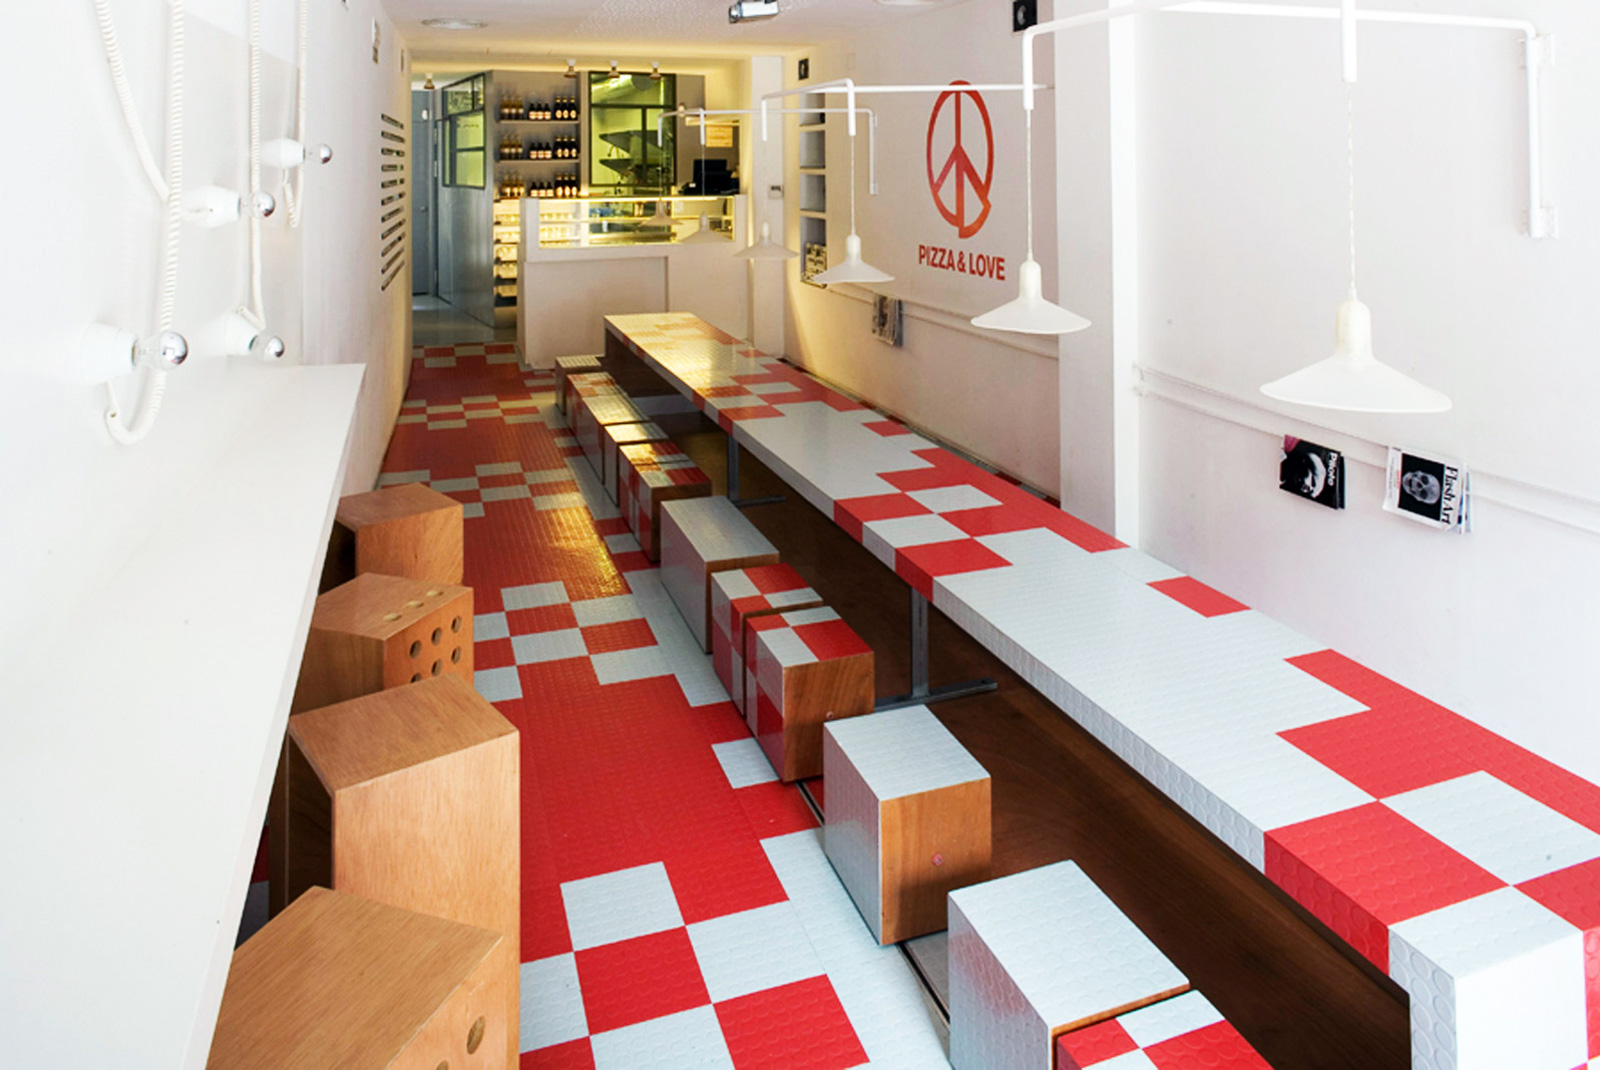 2-PizzaLove-2.jpg